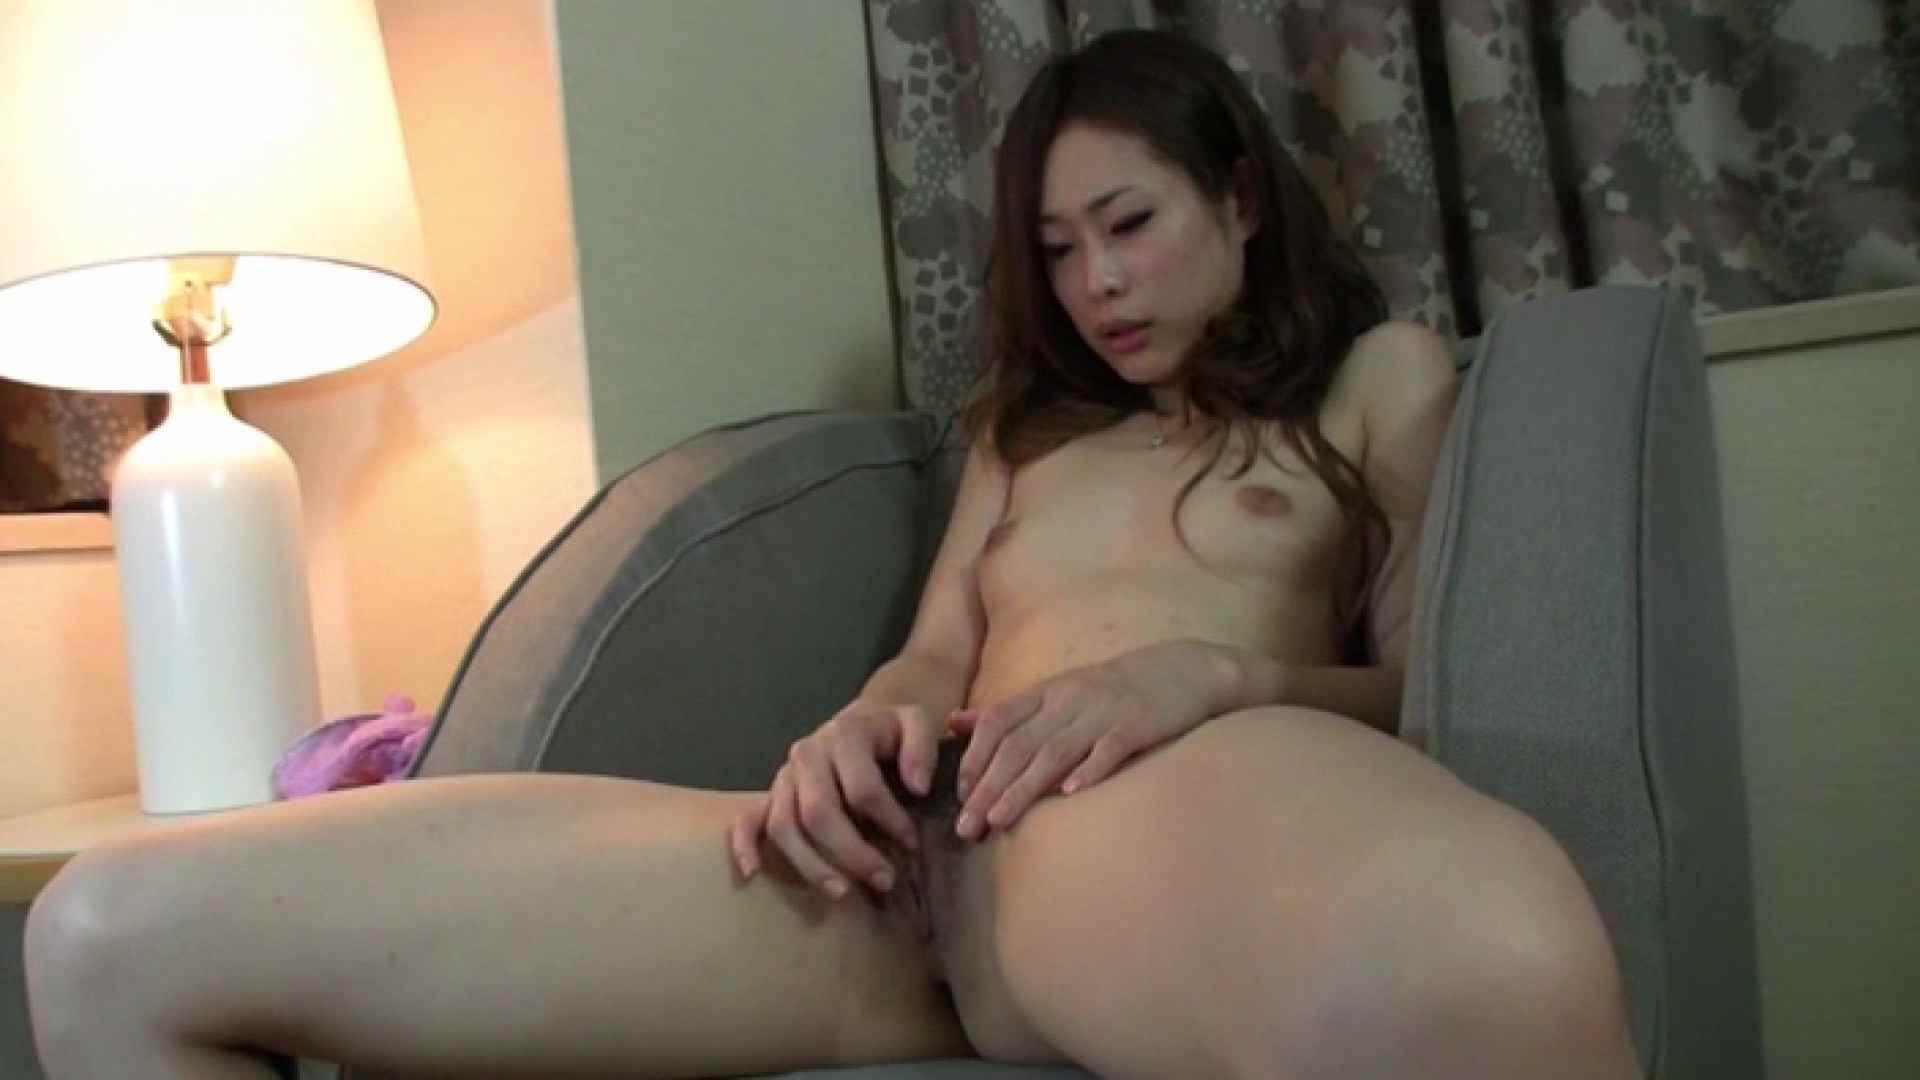 おしえてギャル子のH塾 Vol.34前編 マッサージ 盗撮画像 88pic 79